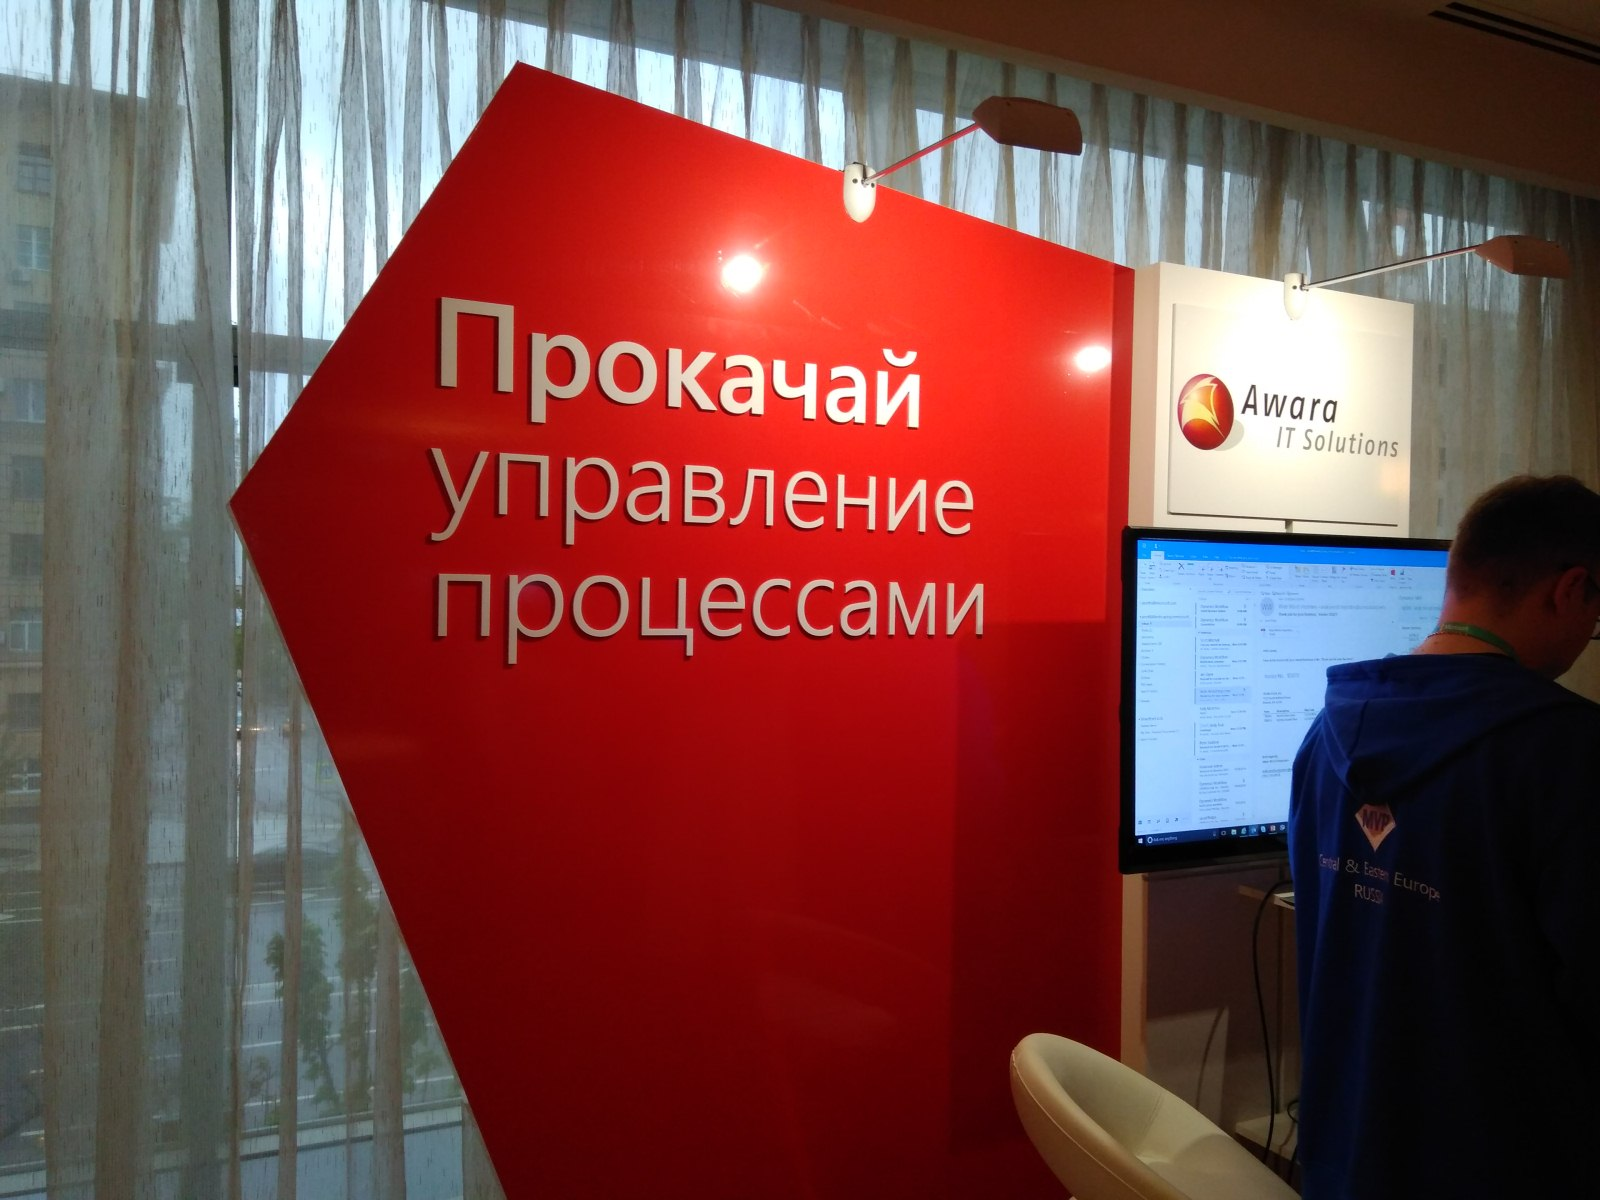 Прокачай управление процессами. Конференция Microsoft «Прокачай свой бизнес: Люди. Процессы. Технологии»